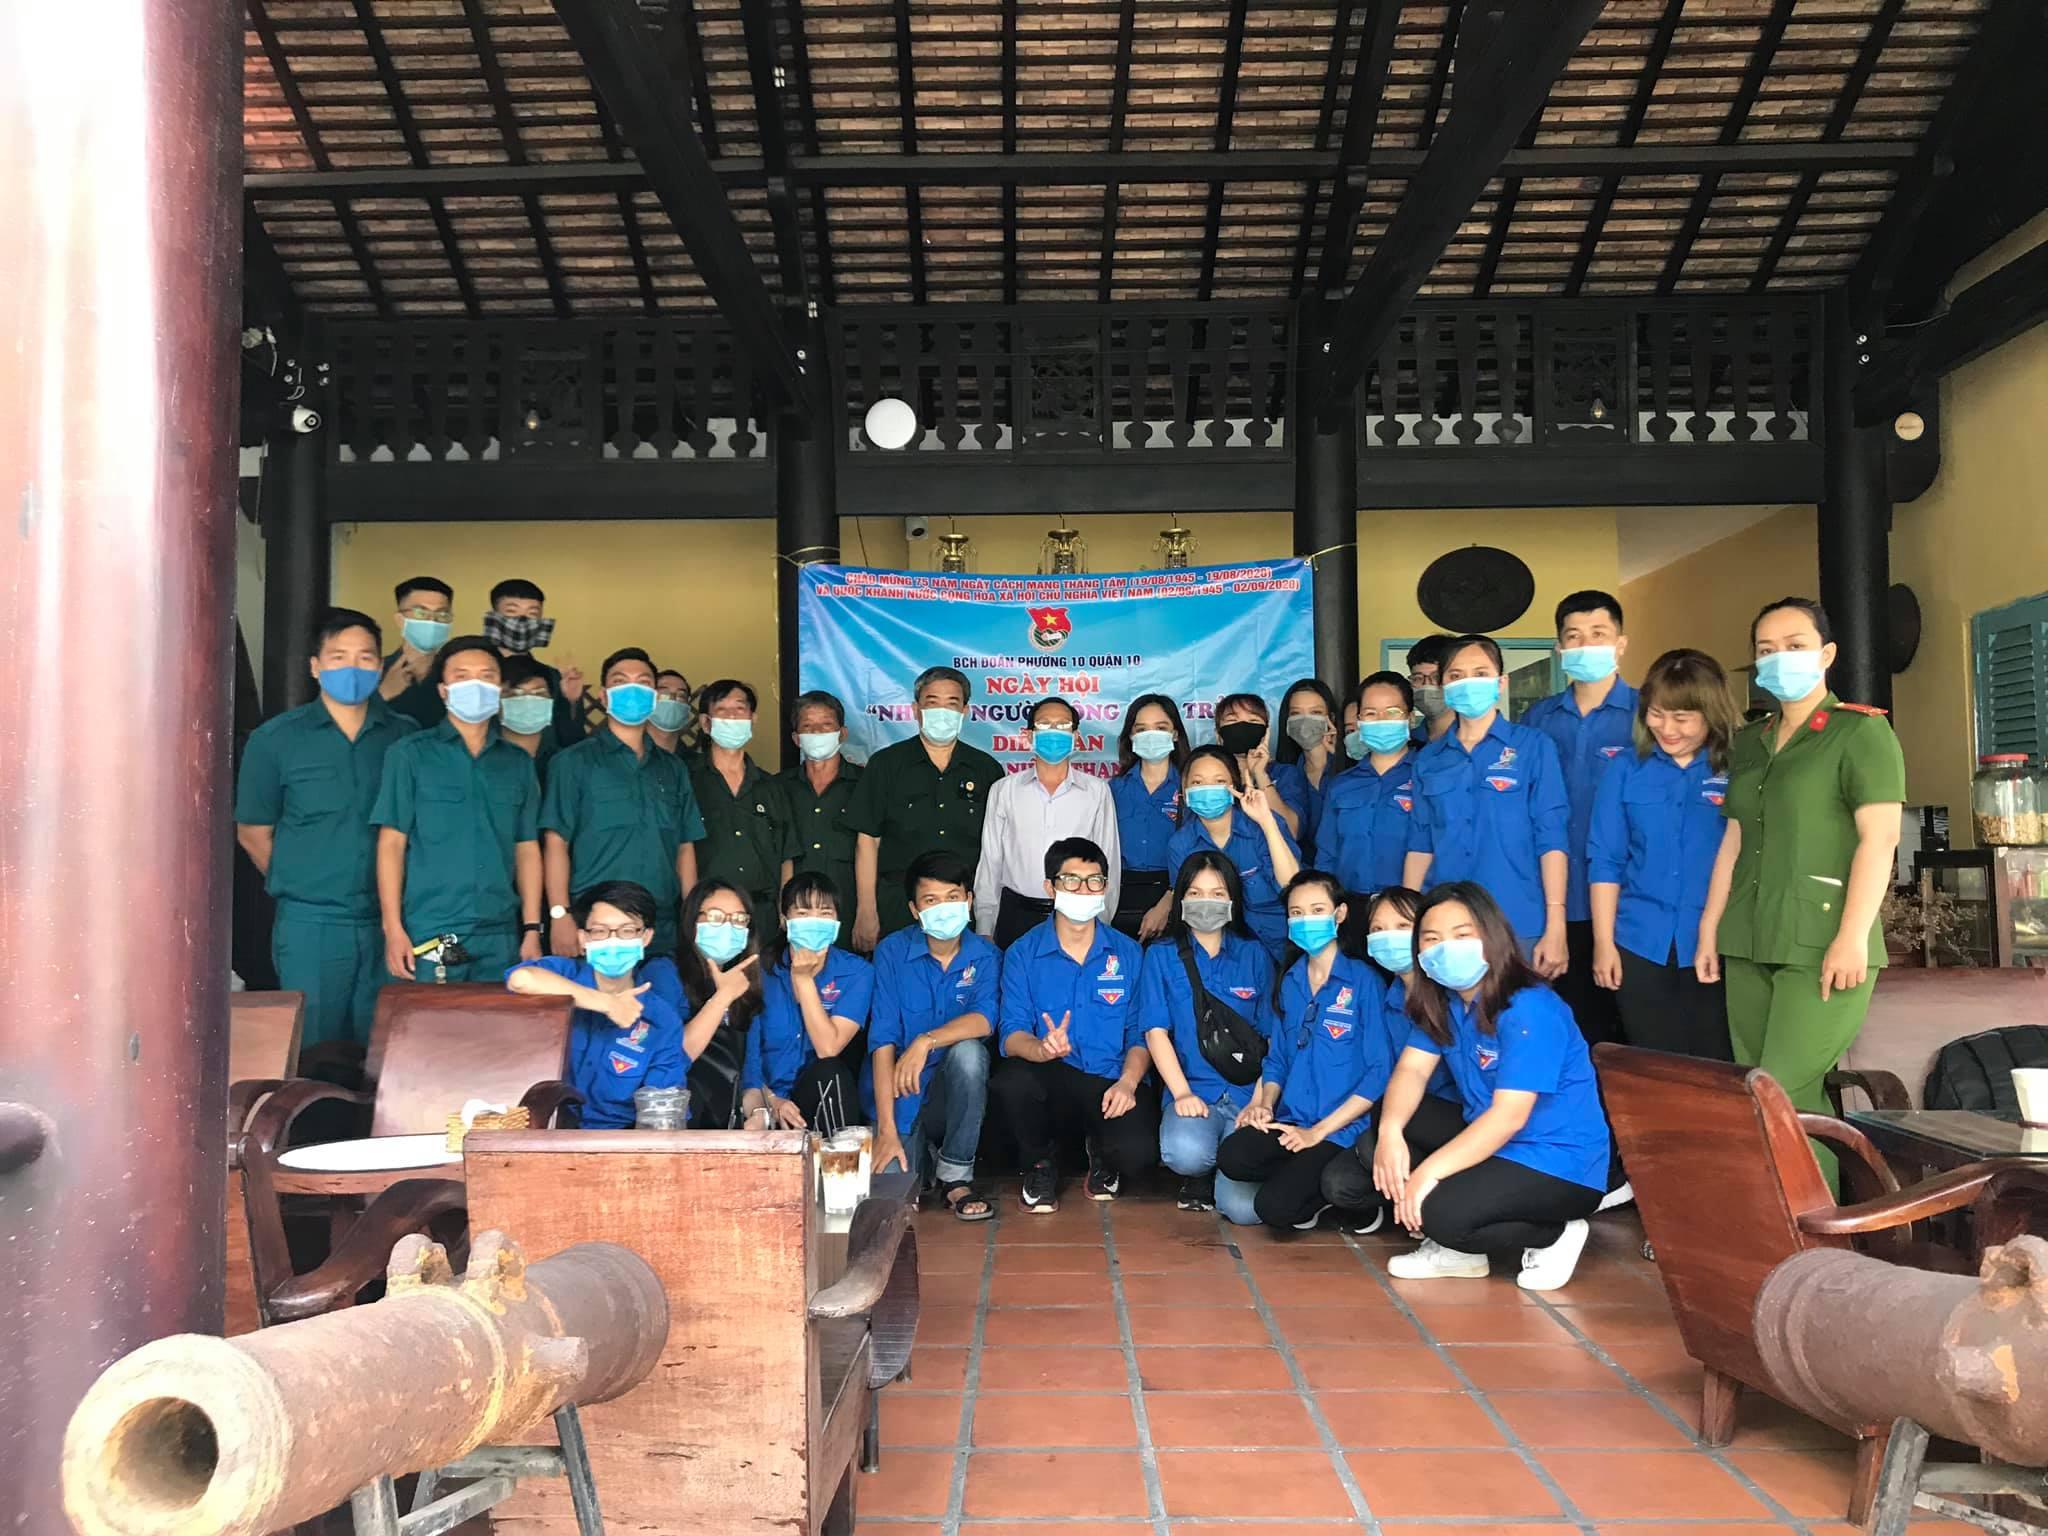 """Đoàn TNCS Hồ Chí Minh Phường 10 phối hợp với Hội Cựu Chiến binh Phường 10 tổ chức ngày hội """"Những người cộng sản trẻ"""""""